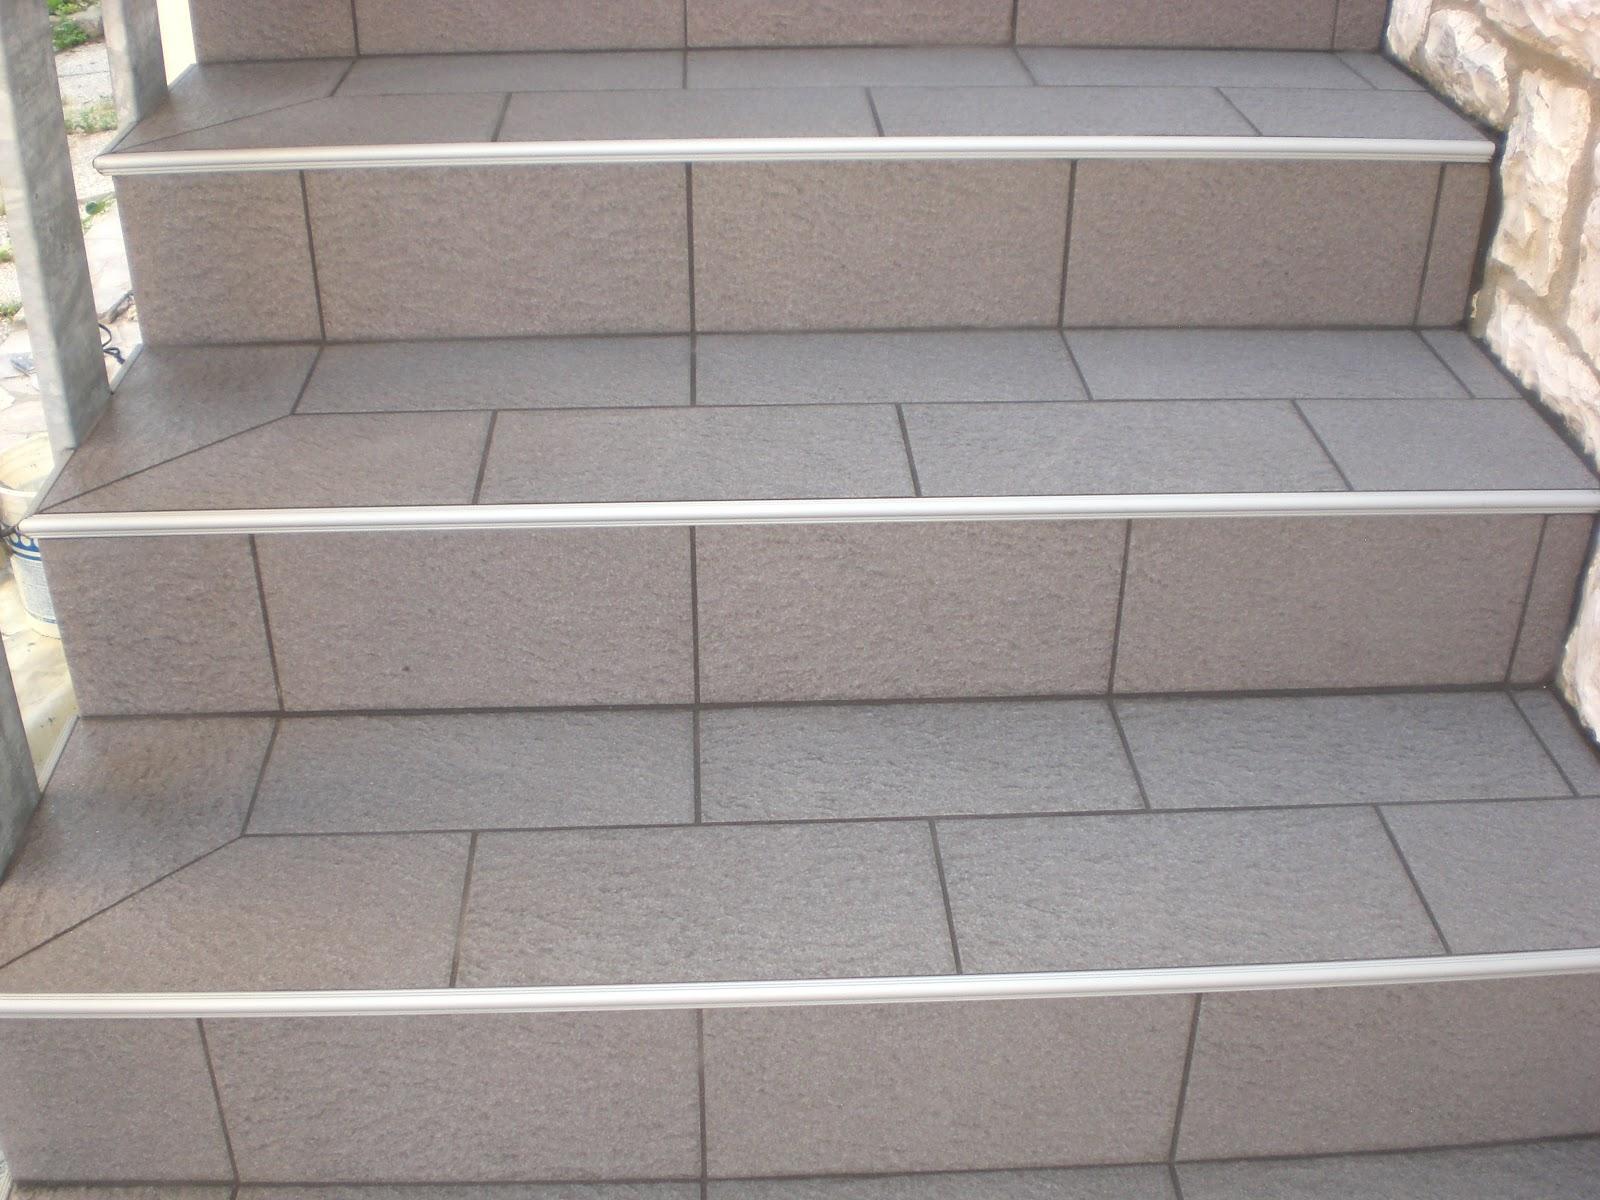 Profili piastrelle bagno profilo in alluminio ad elle per for Profilo alluminio led leroy merlin